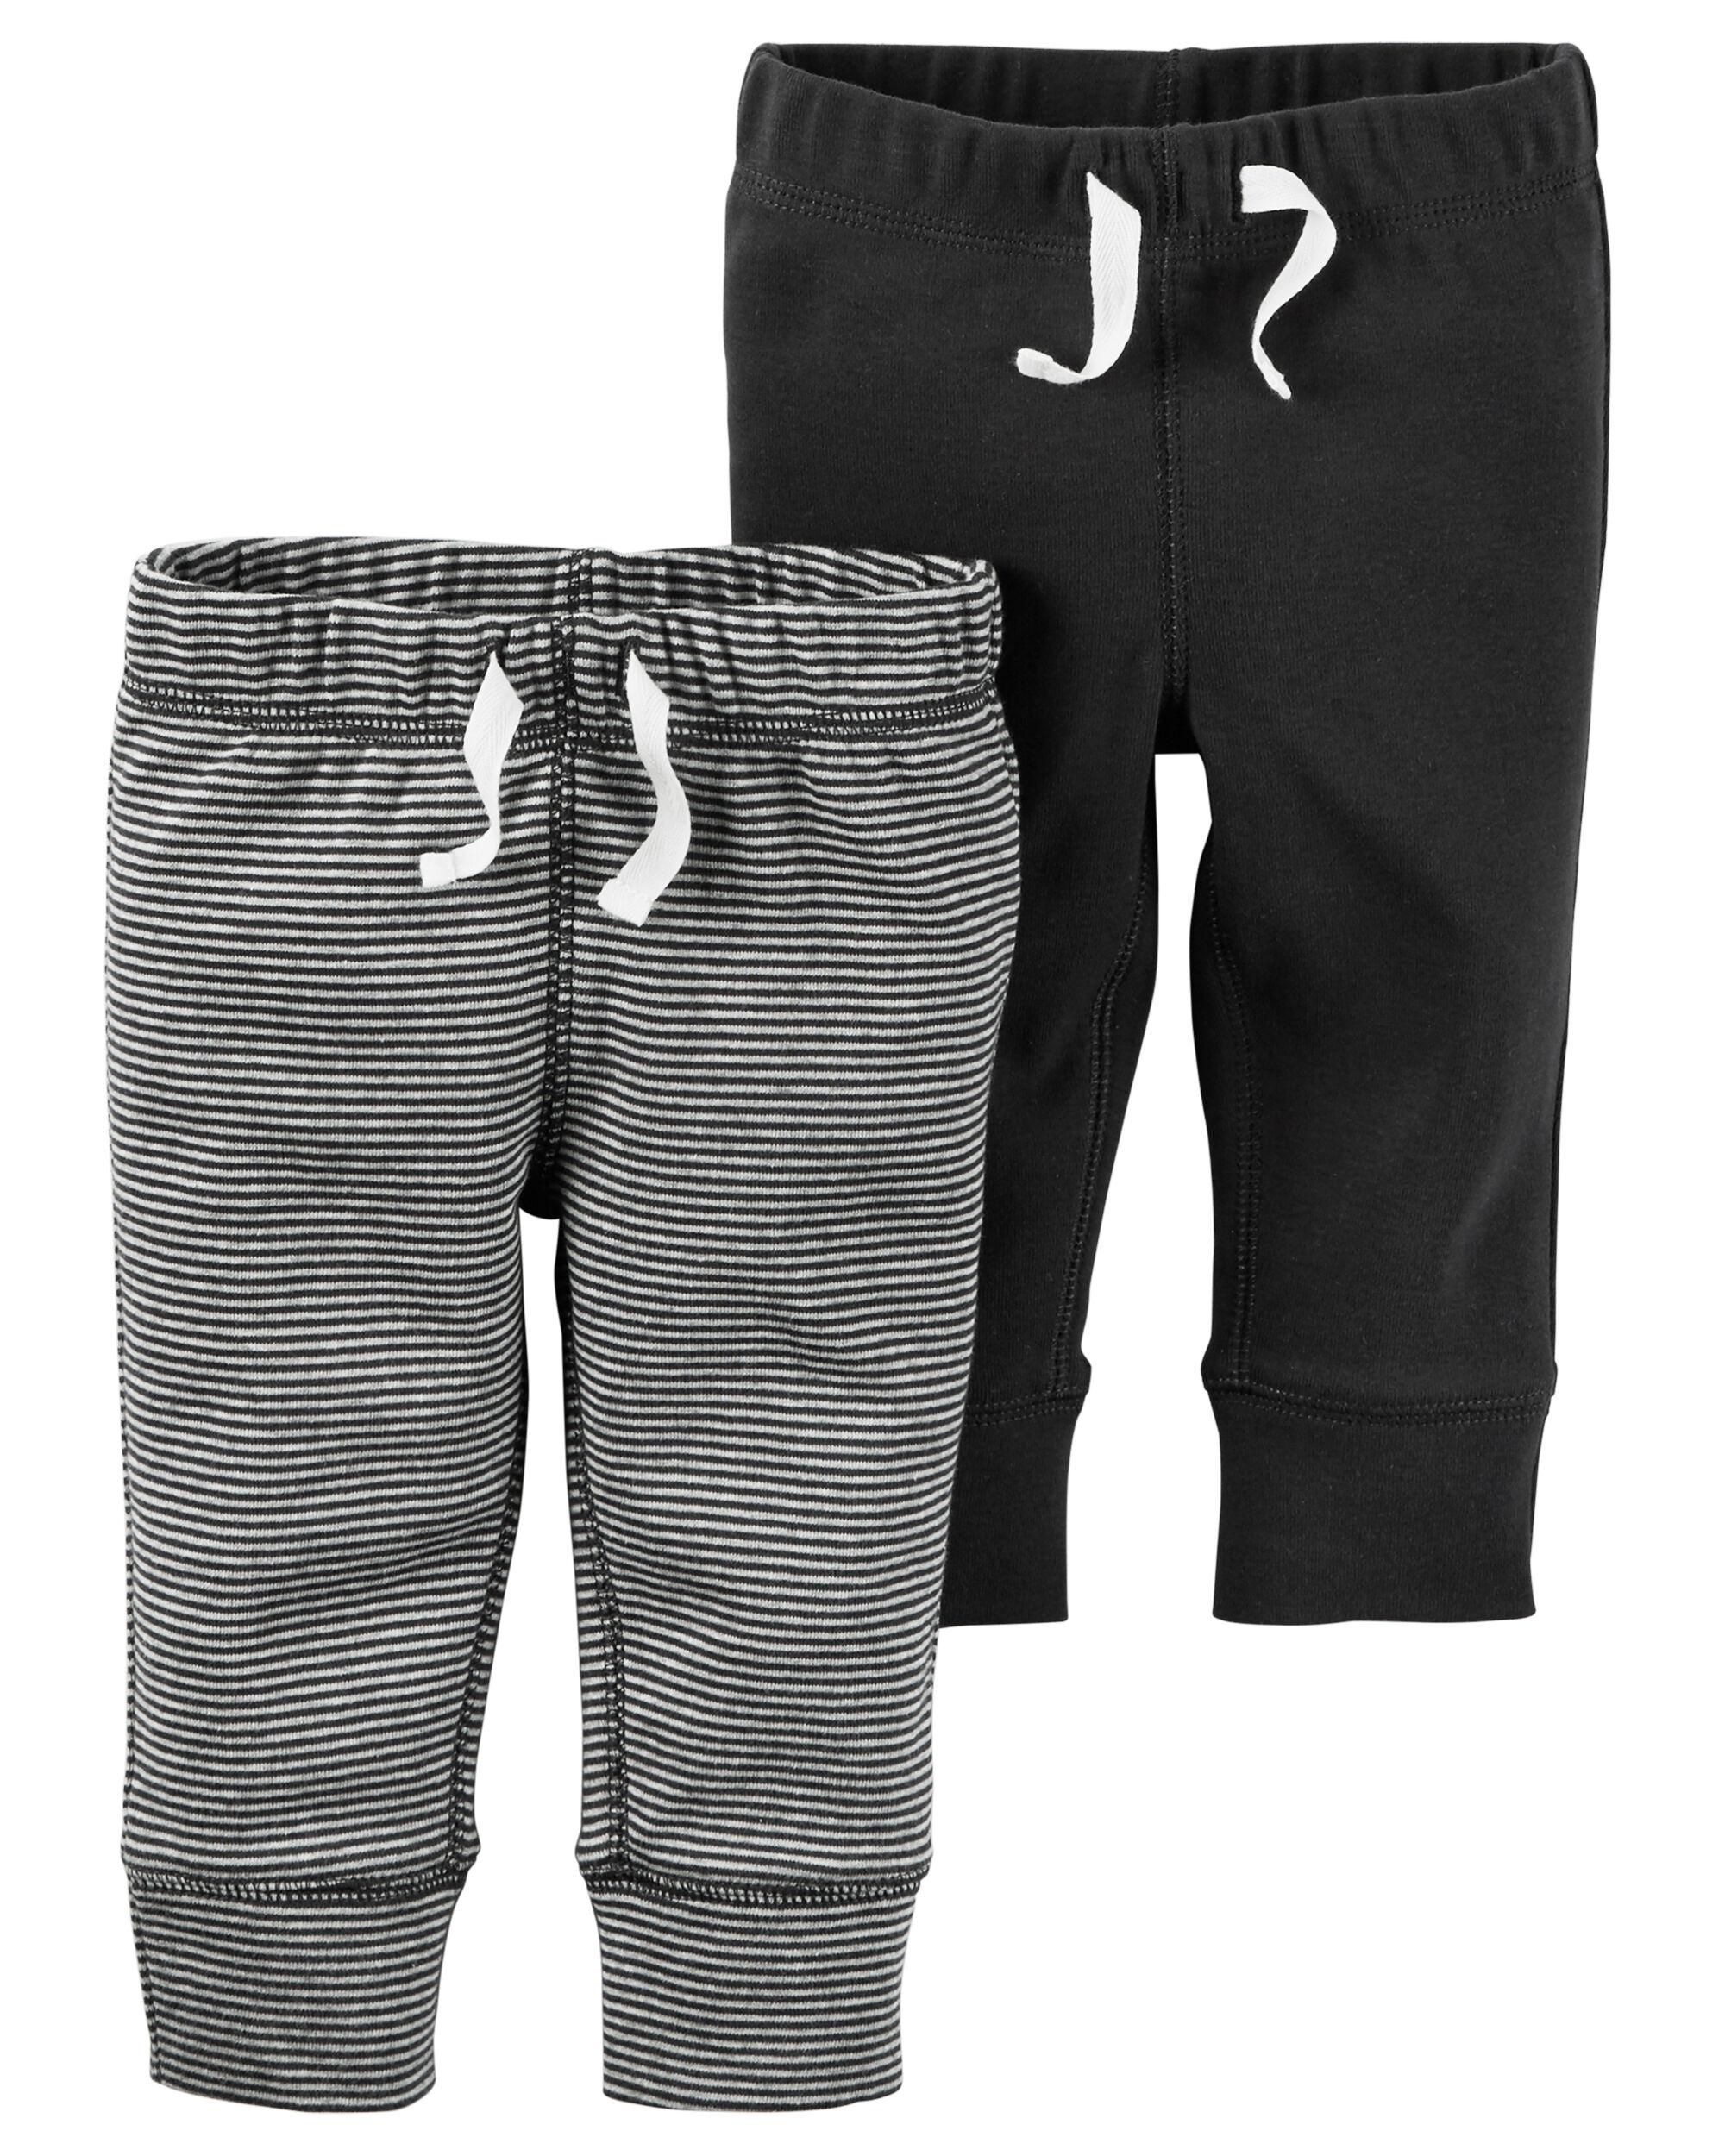 2 Pack Babysoft Pants